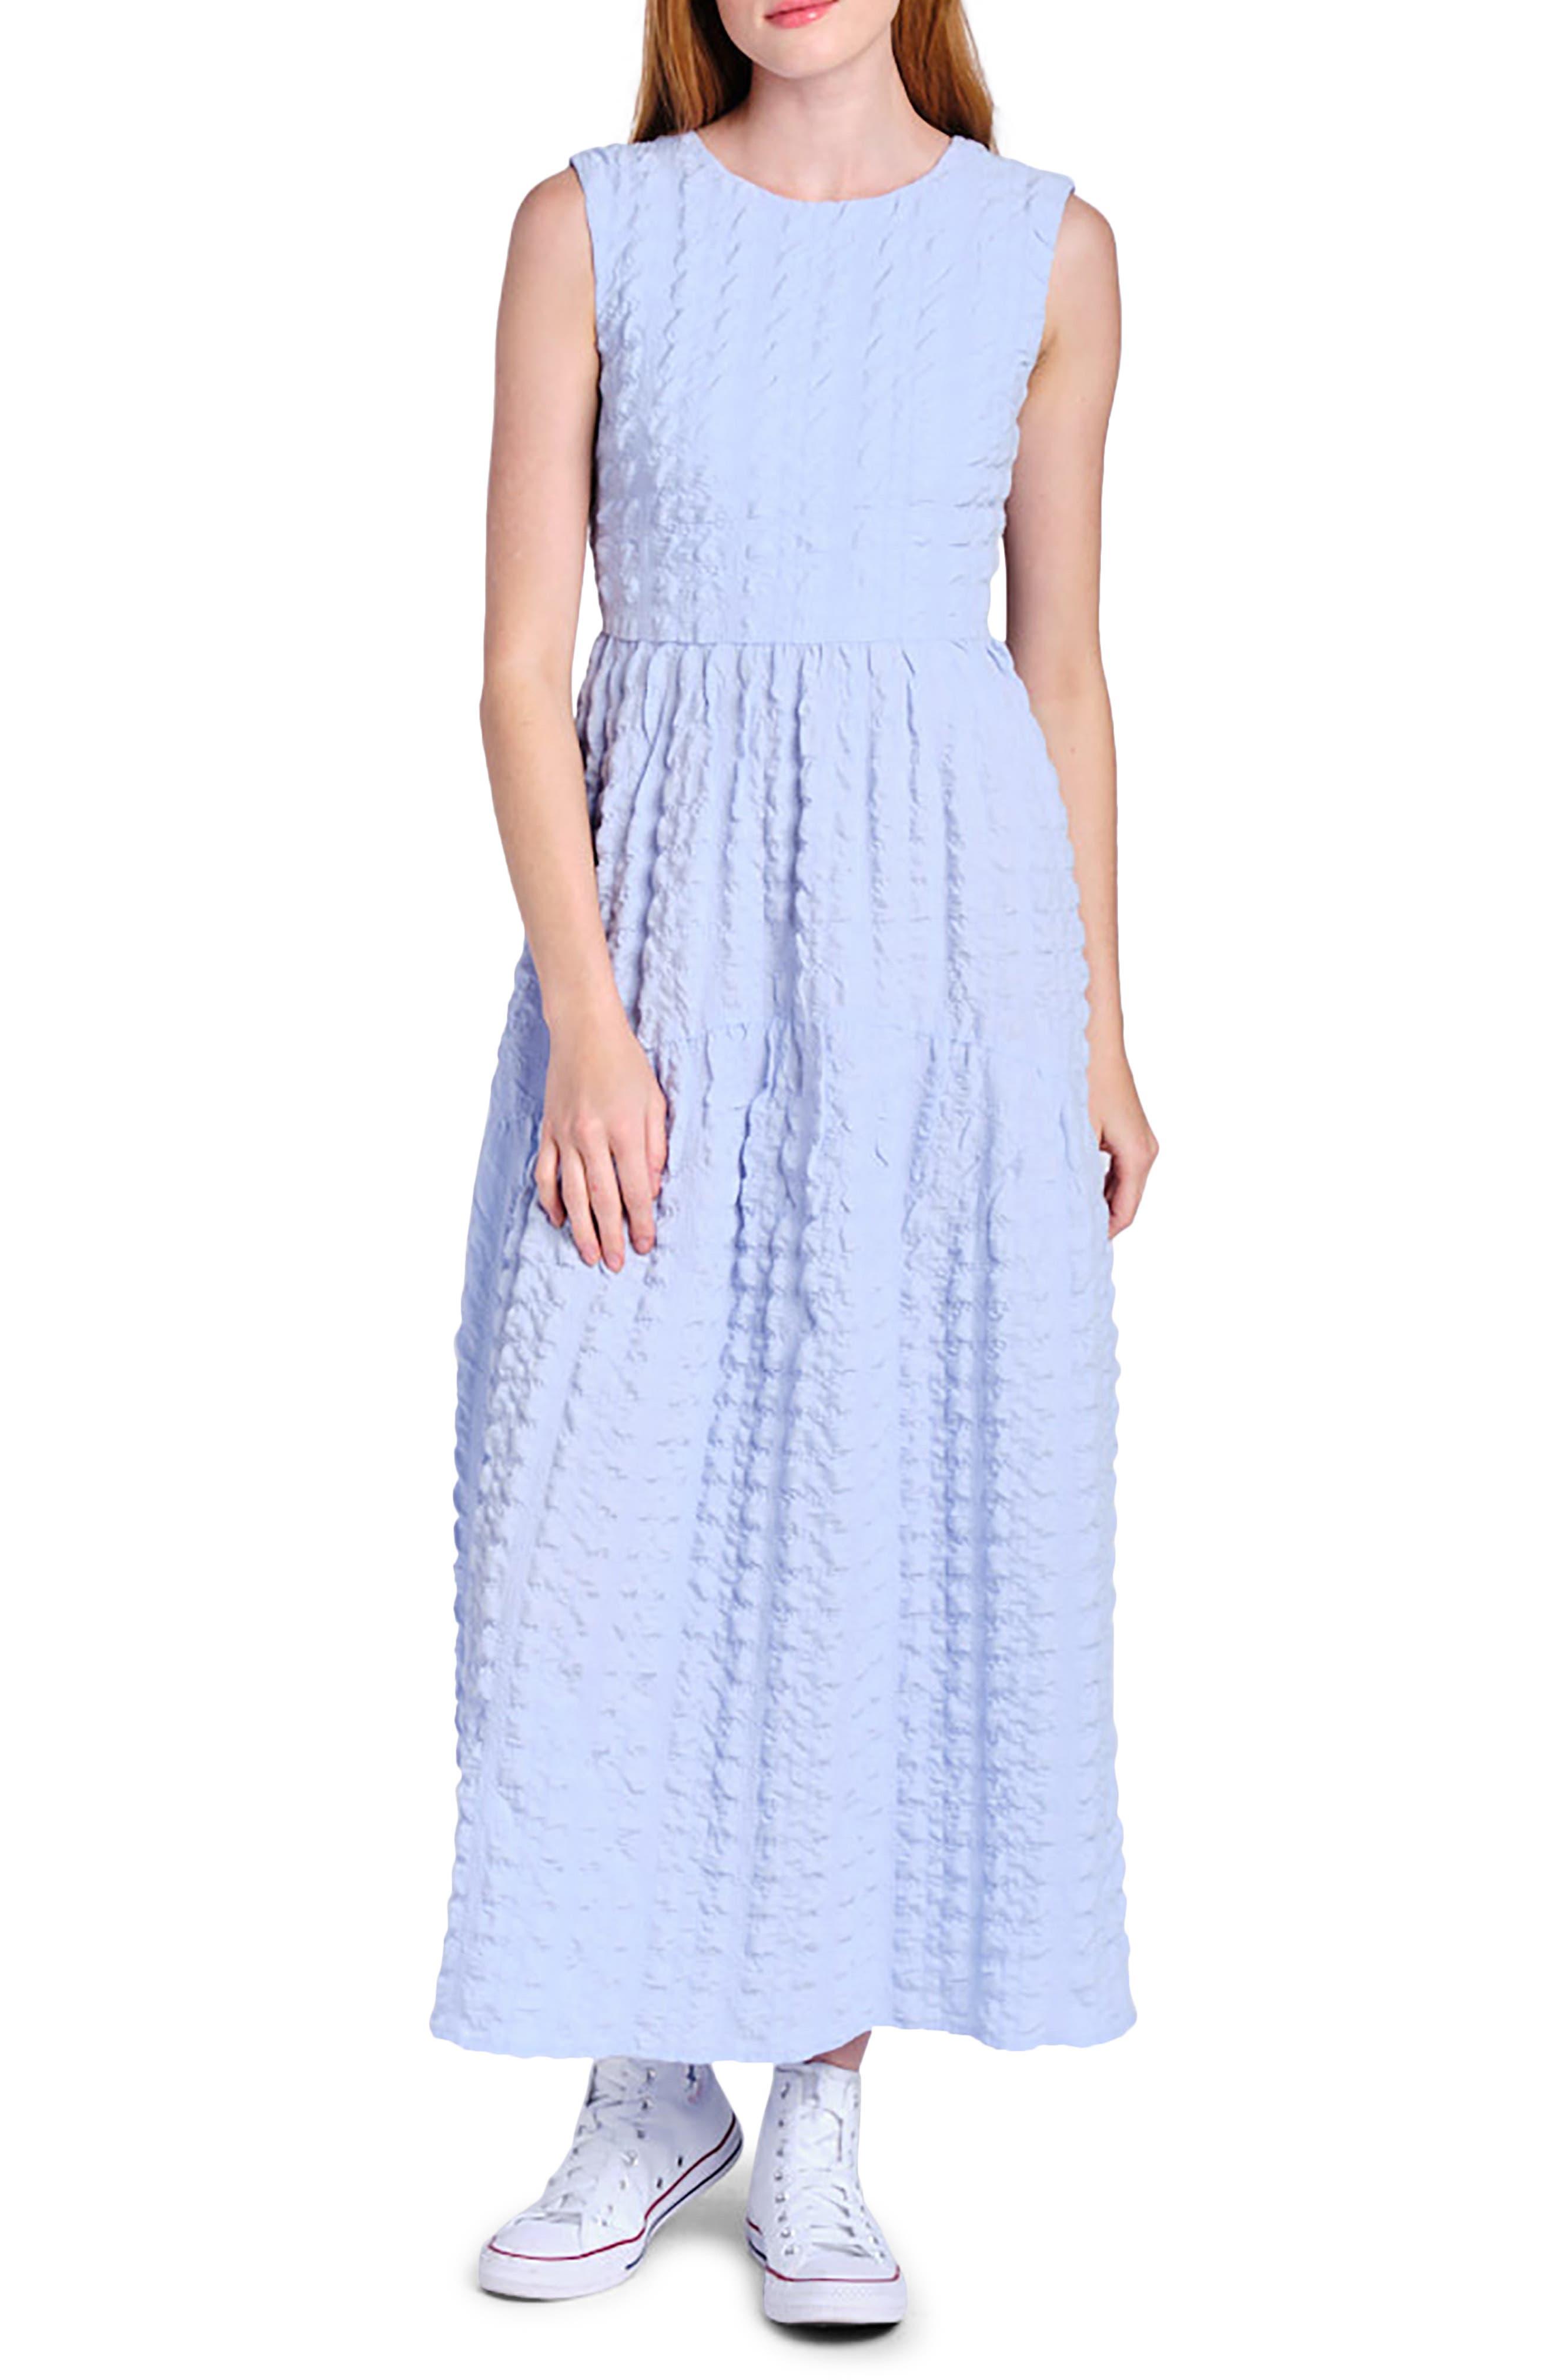 Tie Back Sleeveless Maxi Dress